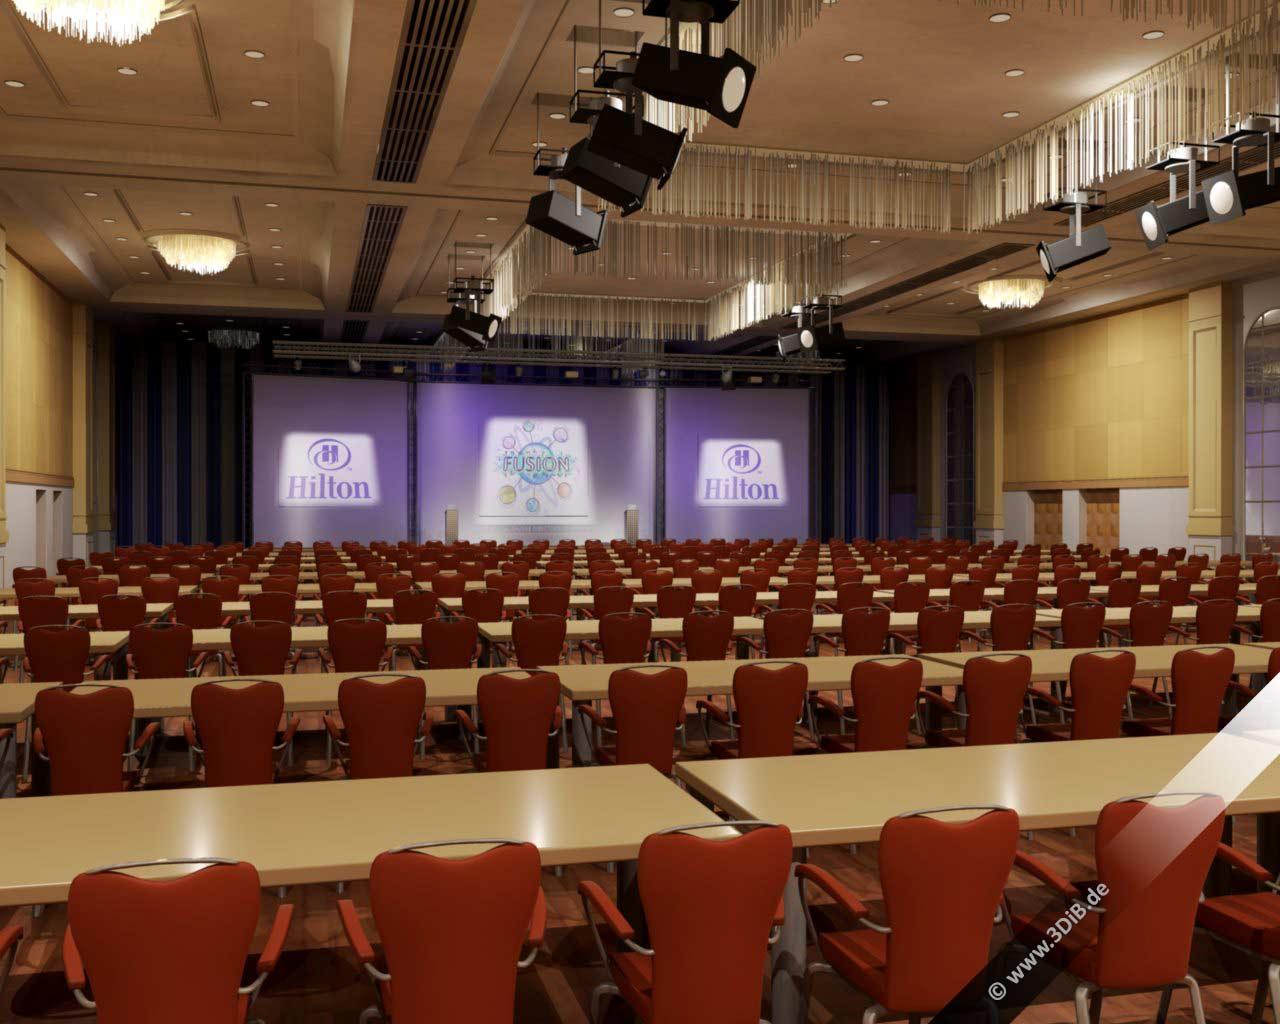 Konferenzvisualisierung-Hilton-Hotels-0000